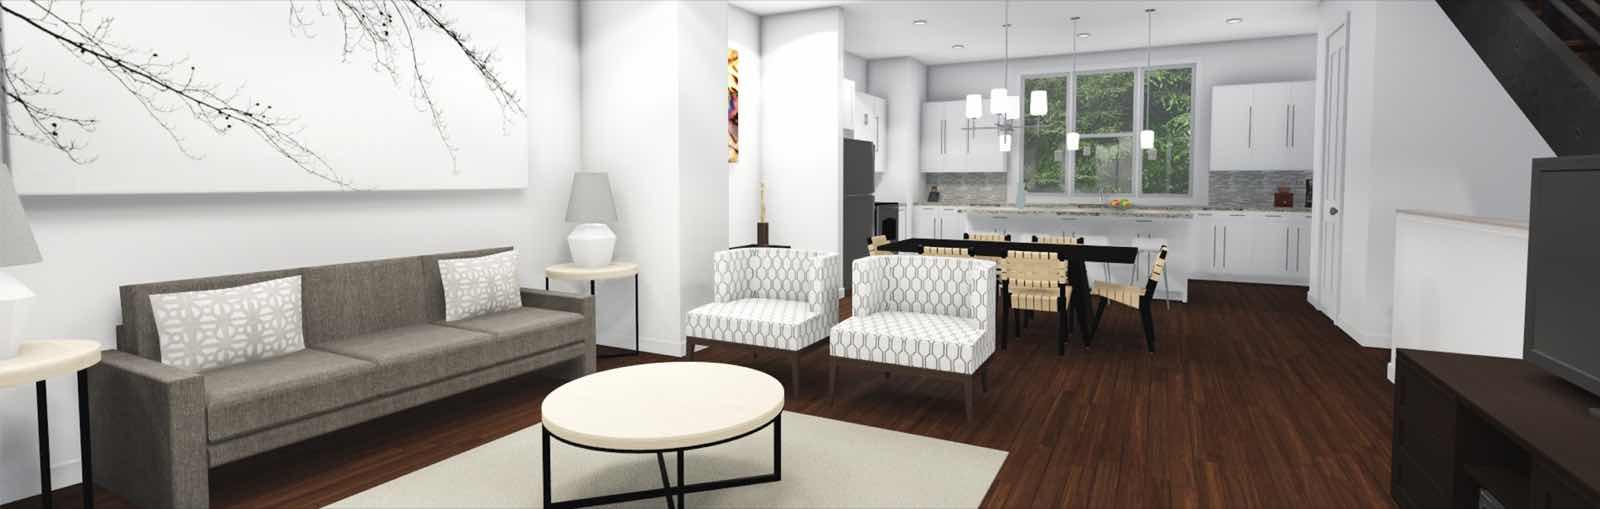 1500-Kenilworth-Interior12_ave